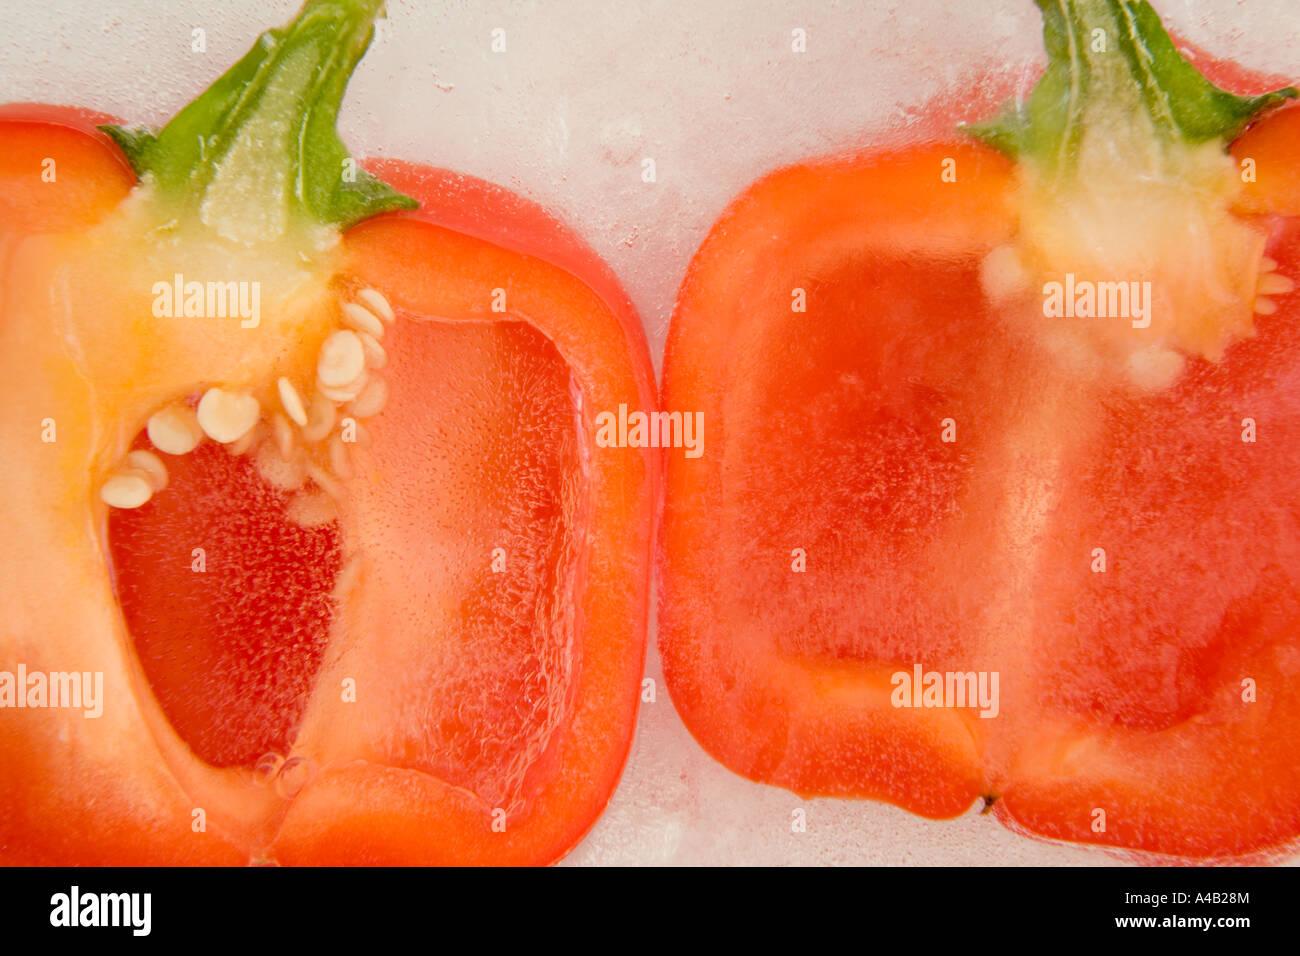 close up pepper seeds inside stockfotos close up pepper seeds inside bilder alamy. Black Bedroom Furniture Sets. Home Design Ideas